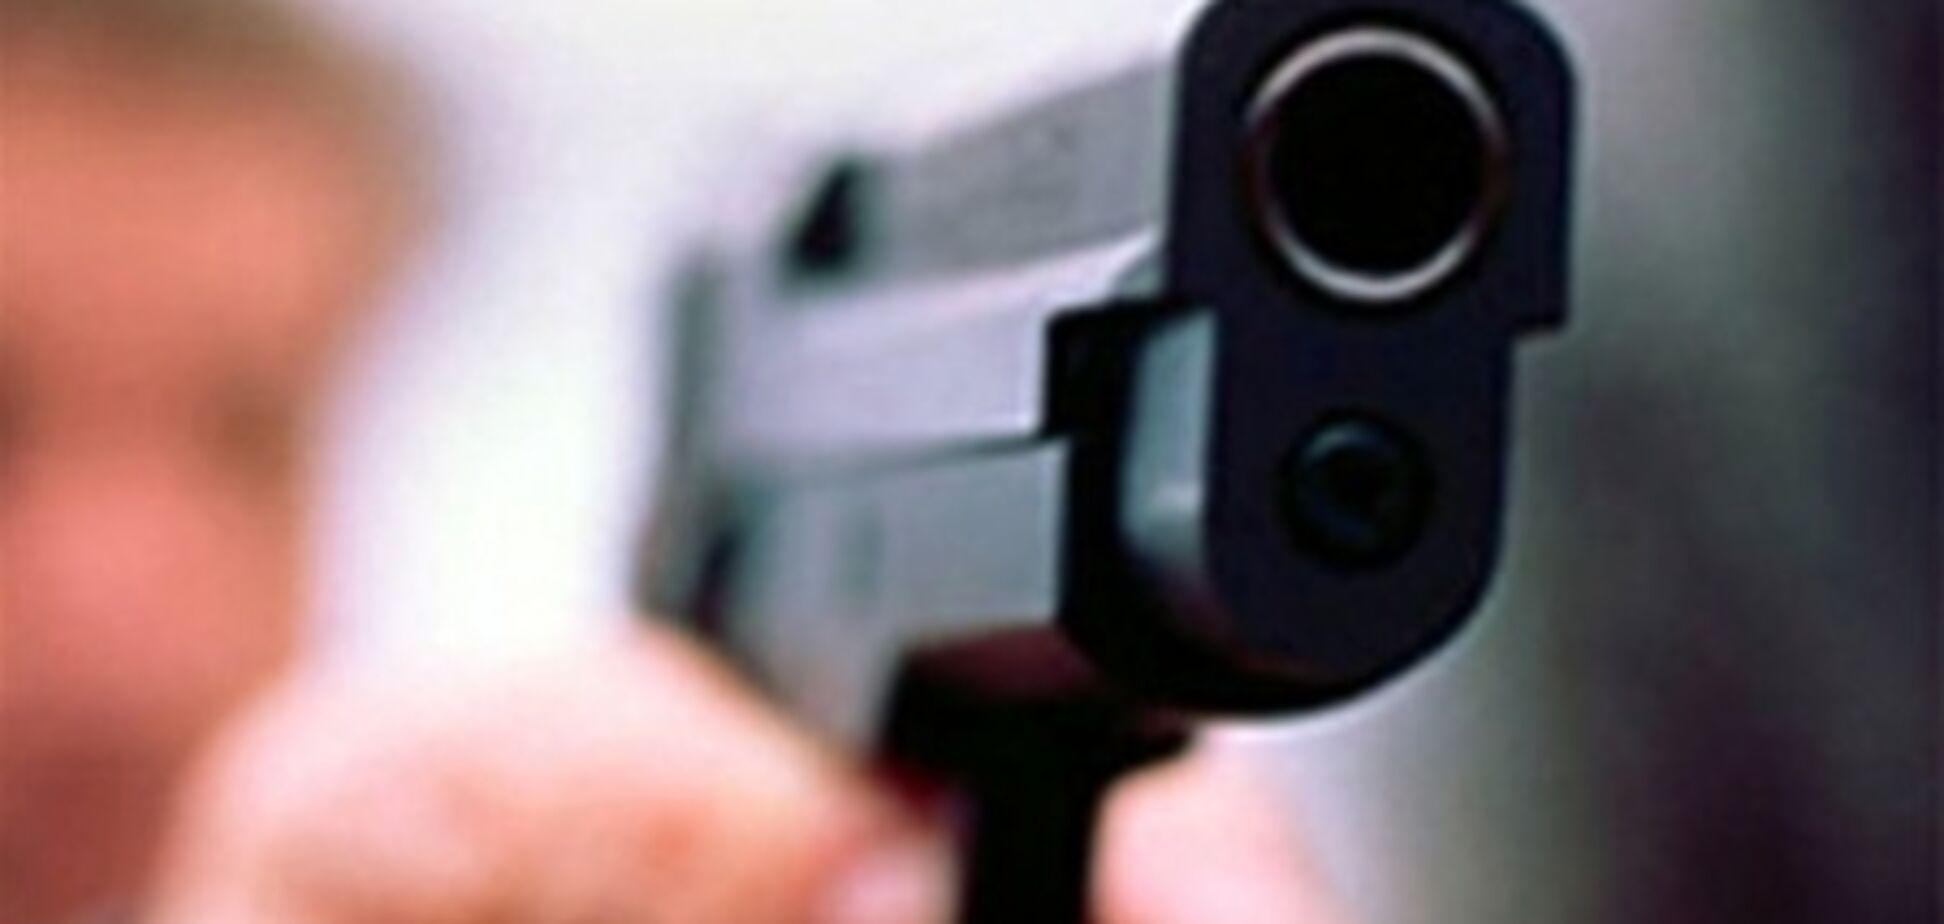 В Москве гражданин США ножом убил жену и бросился с 15 этажа